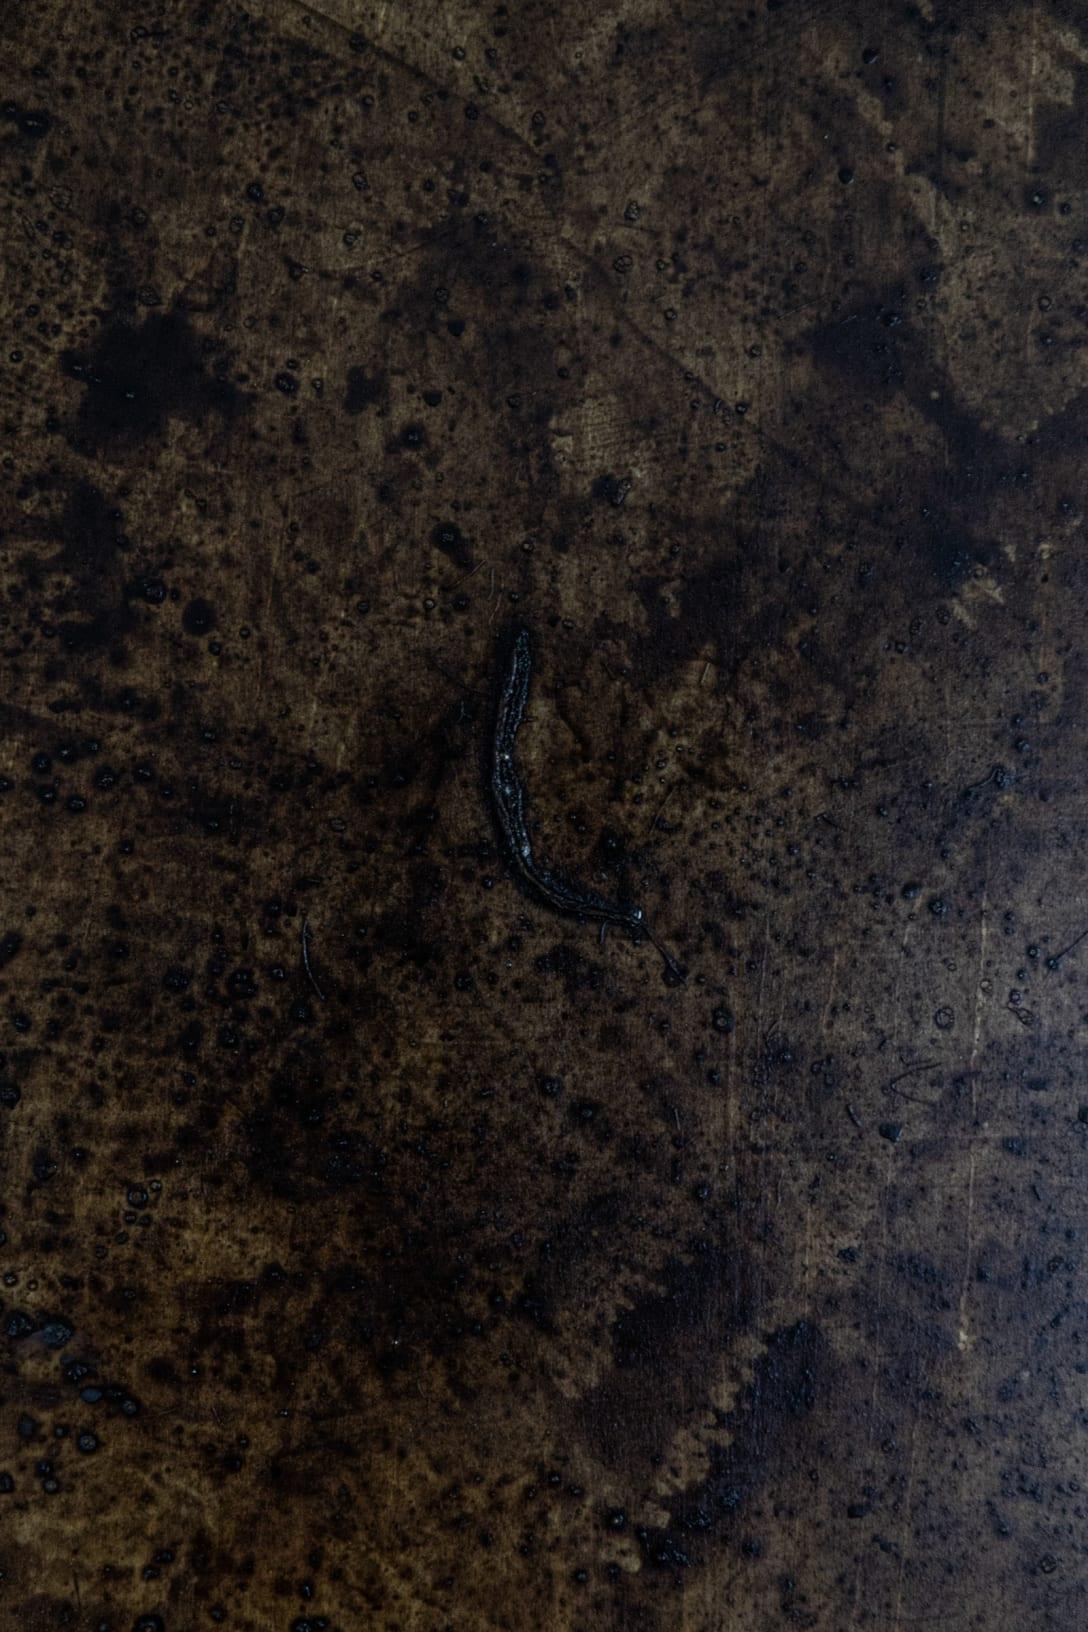 ベニヤ板の上に、磯崎自身の血液が用いられている。血液が使われているため、独特な匂いと自然光に左右される空間内部で作品を見ることになる。